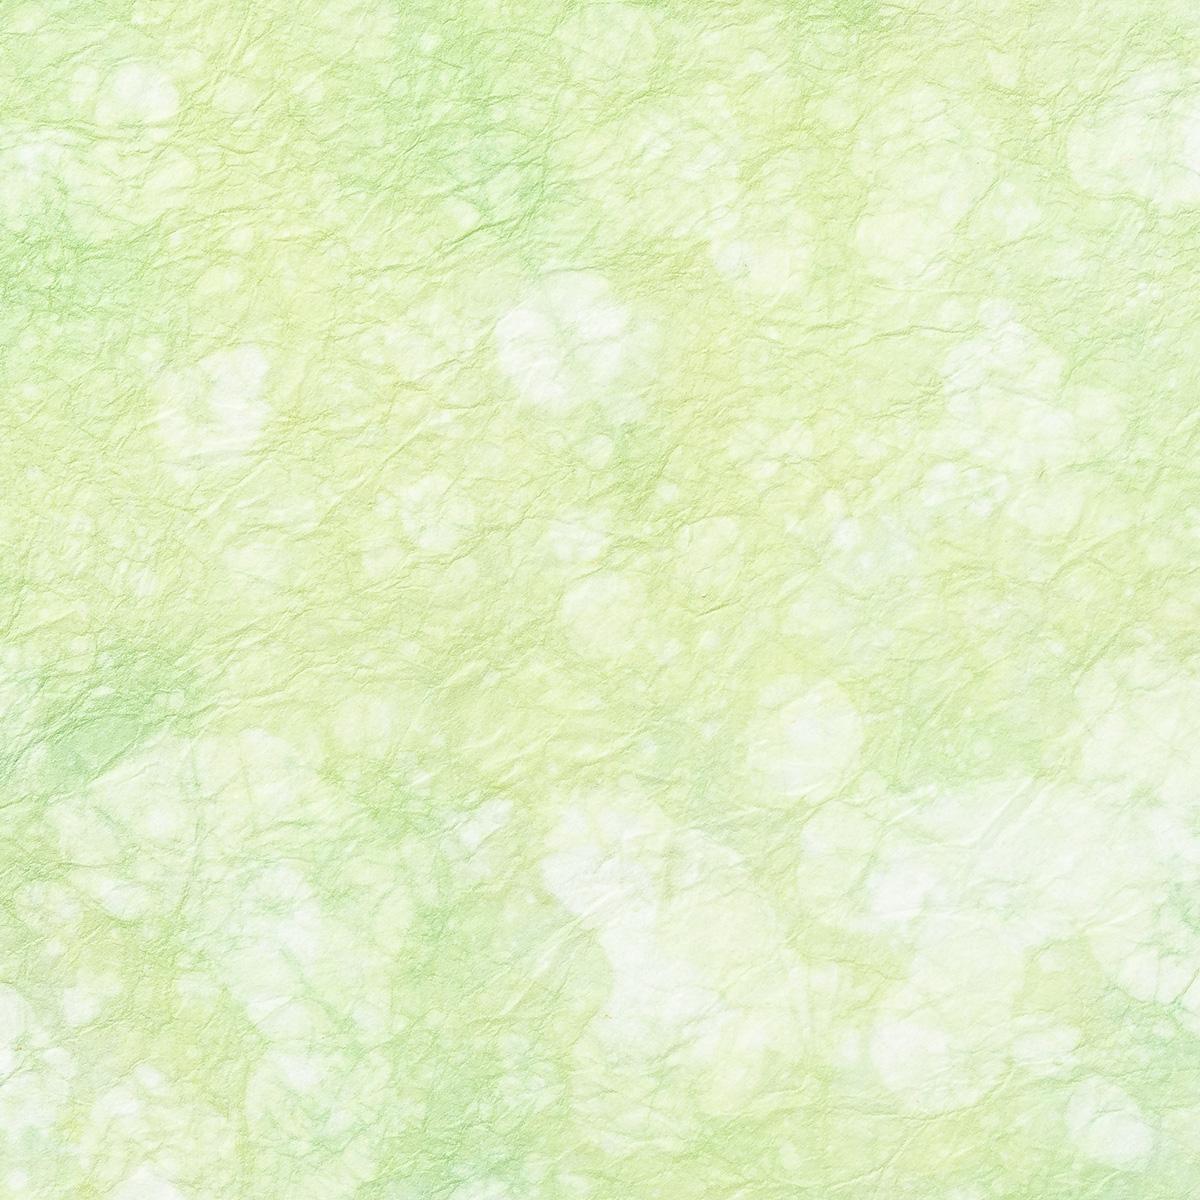 楮紙 ろうけつ染め 5匁 No.11